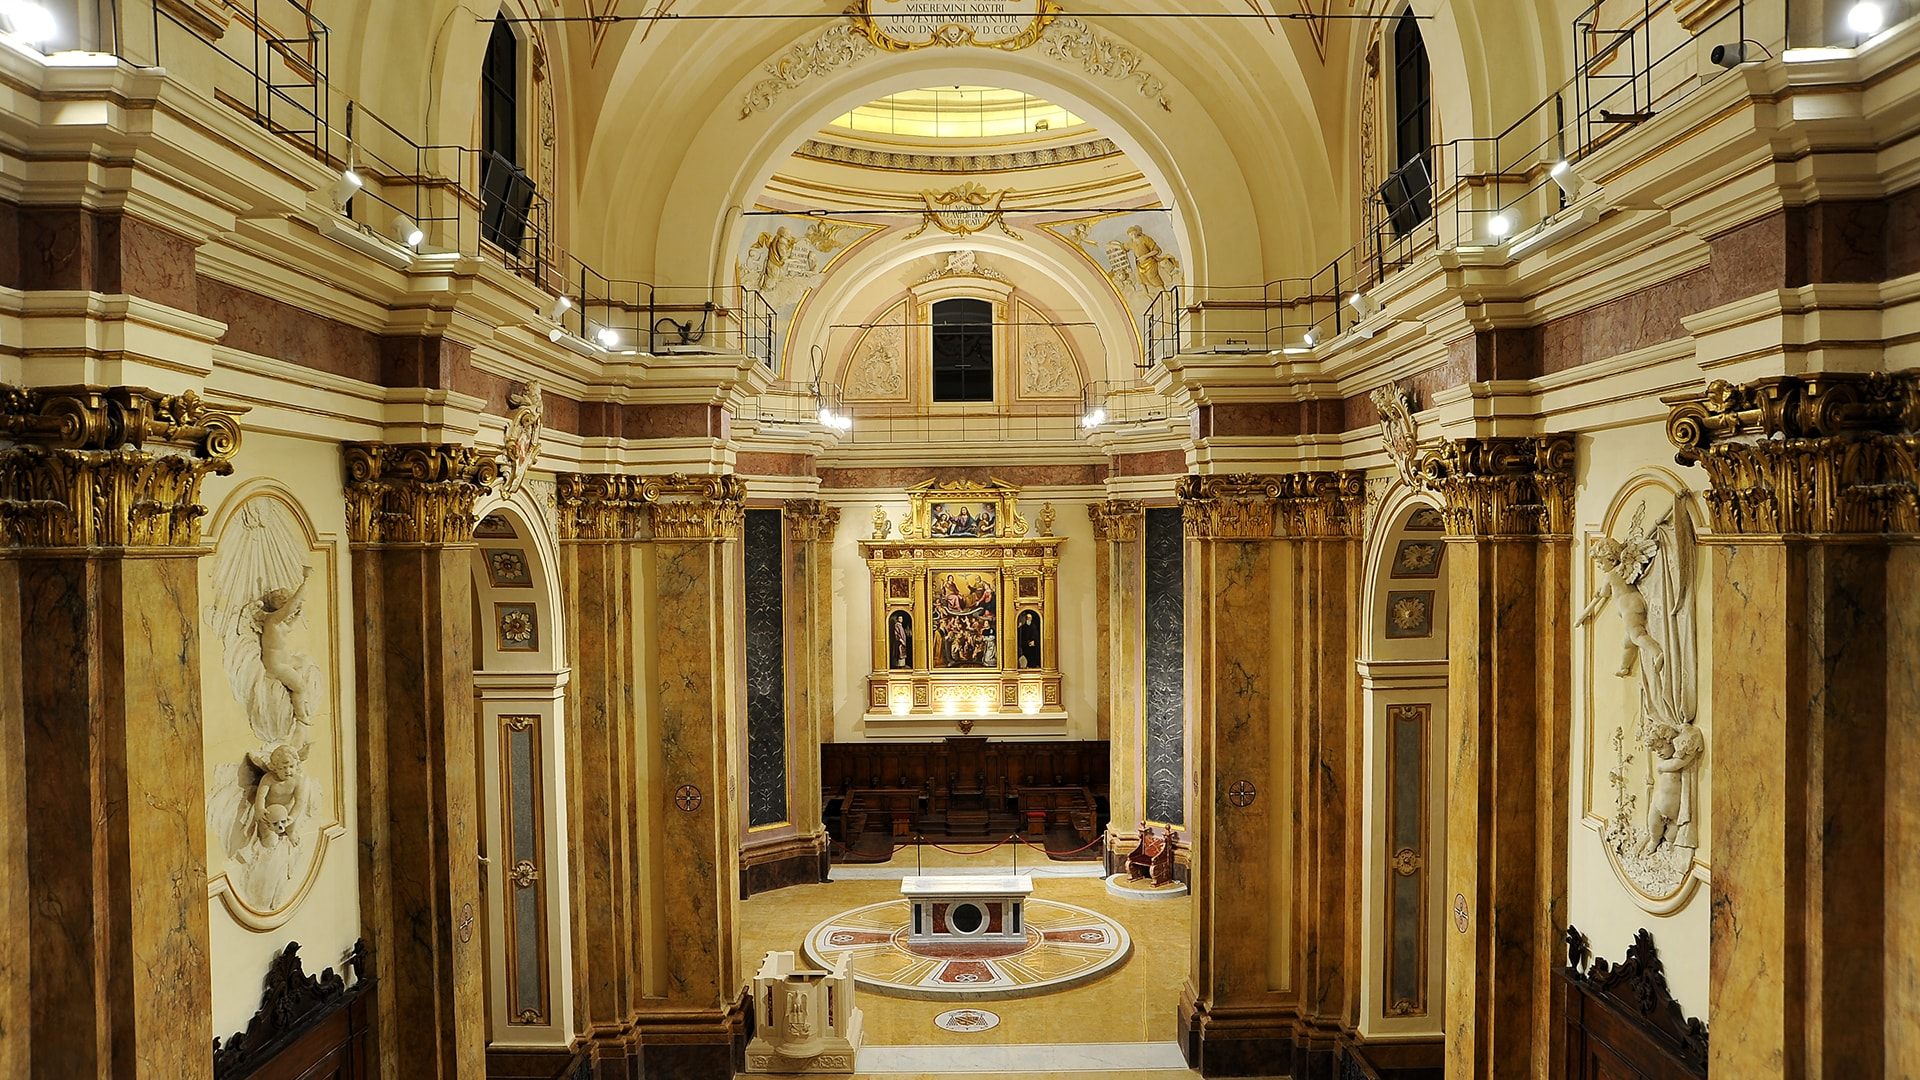 chiesa-santa-maria-suffragio-anime-sante-laquila-abruzzo-immagine-restauro-organo-13